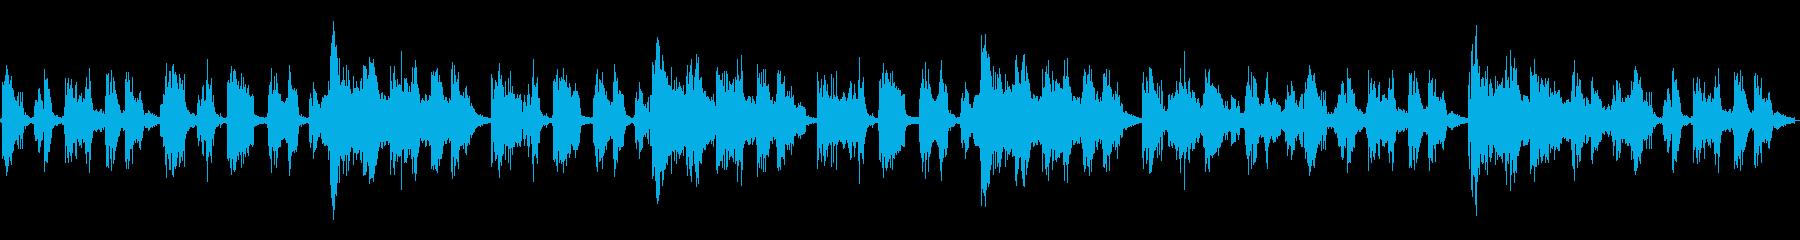 ブレイクループでRPGを引き立たせる楽曲の再生済みの波形